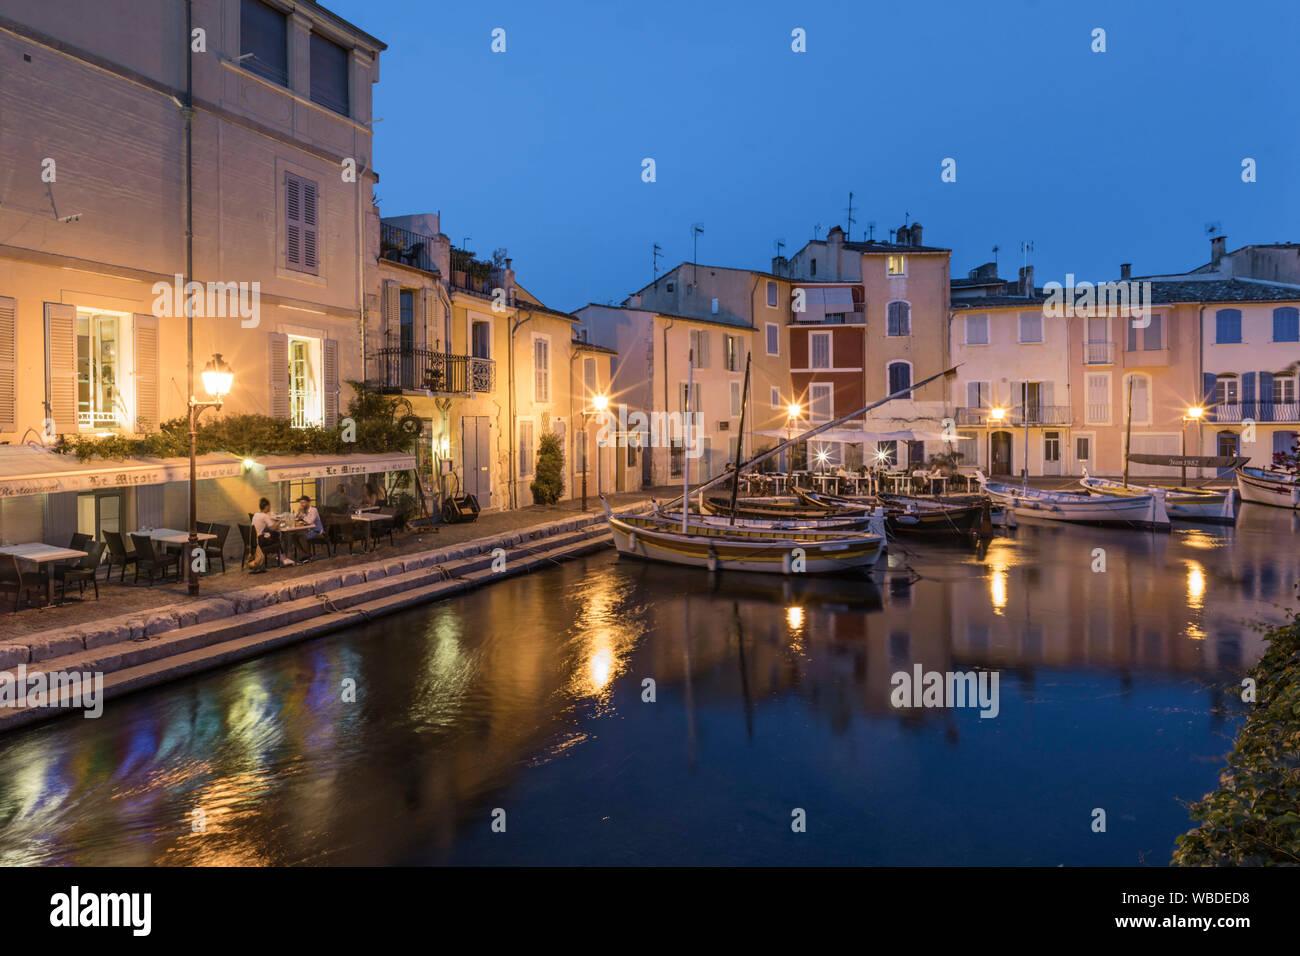 Canal de Caronte à Martigues, petite Venise, département Bouches-du-Rhône, France Banque D'Images